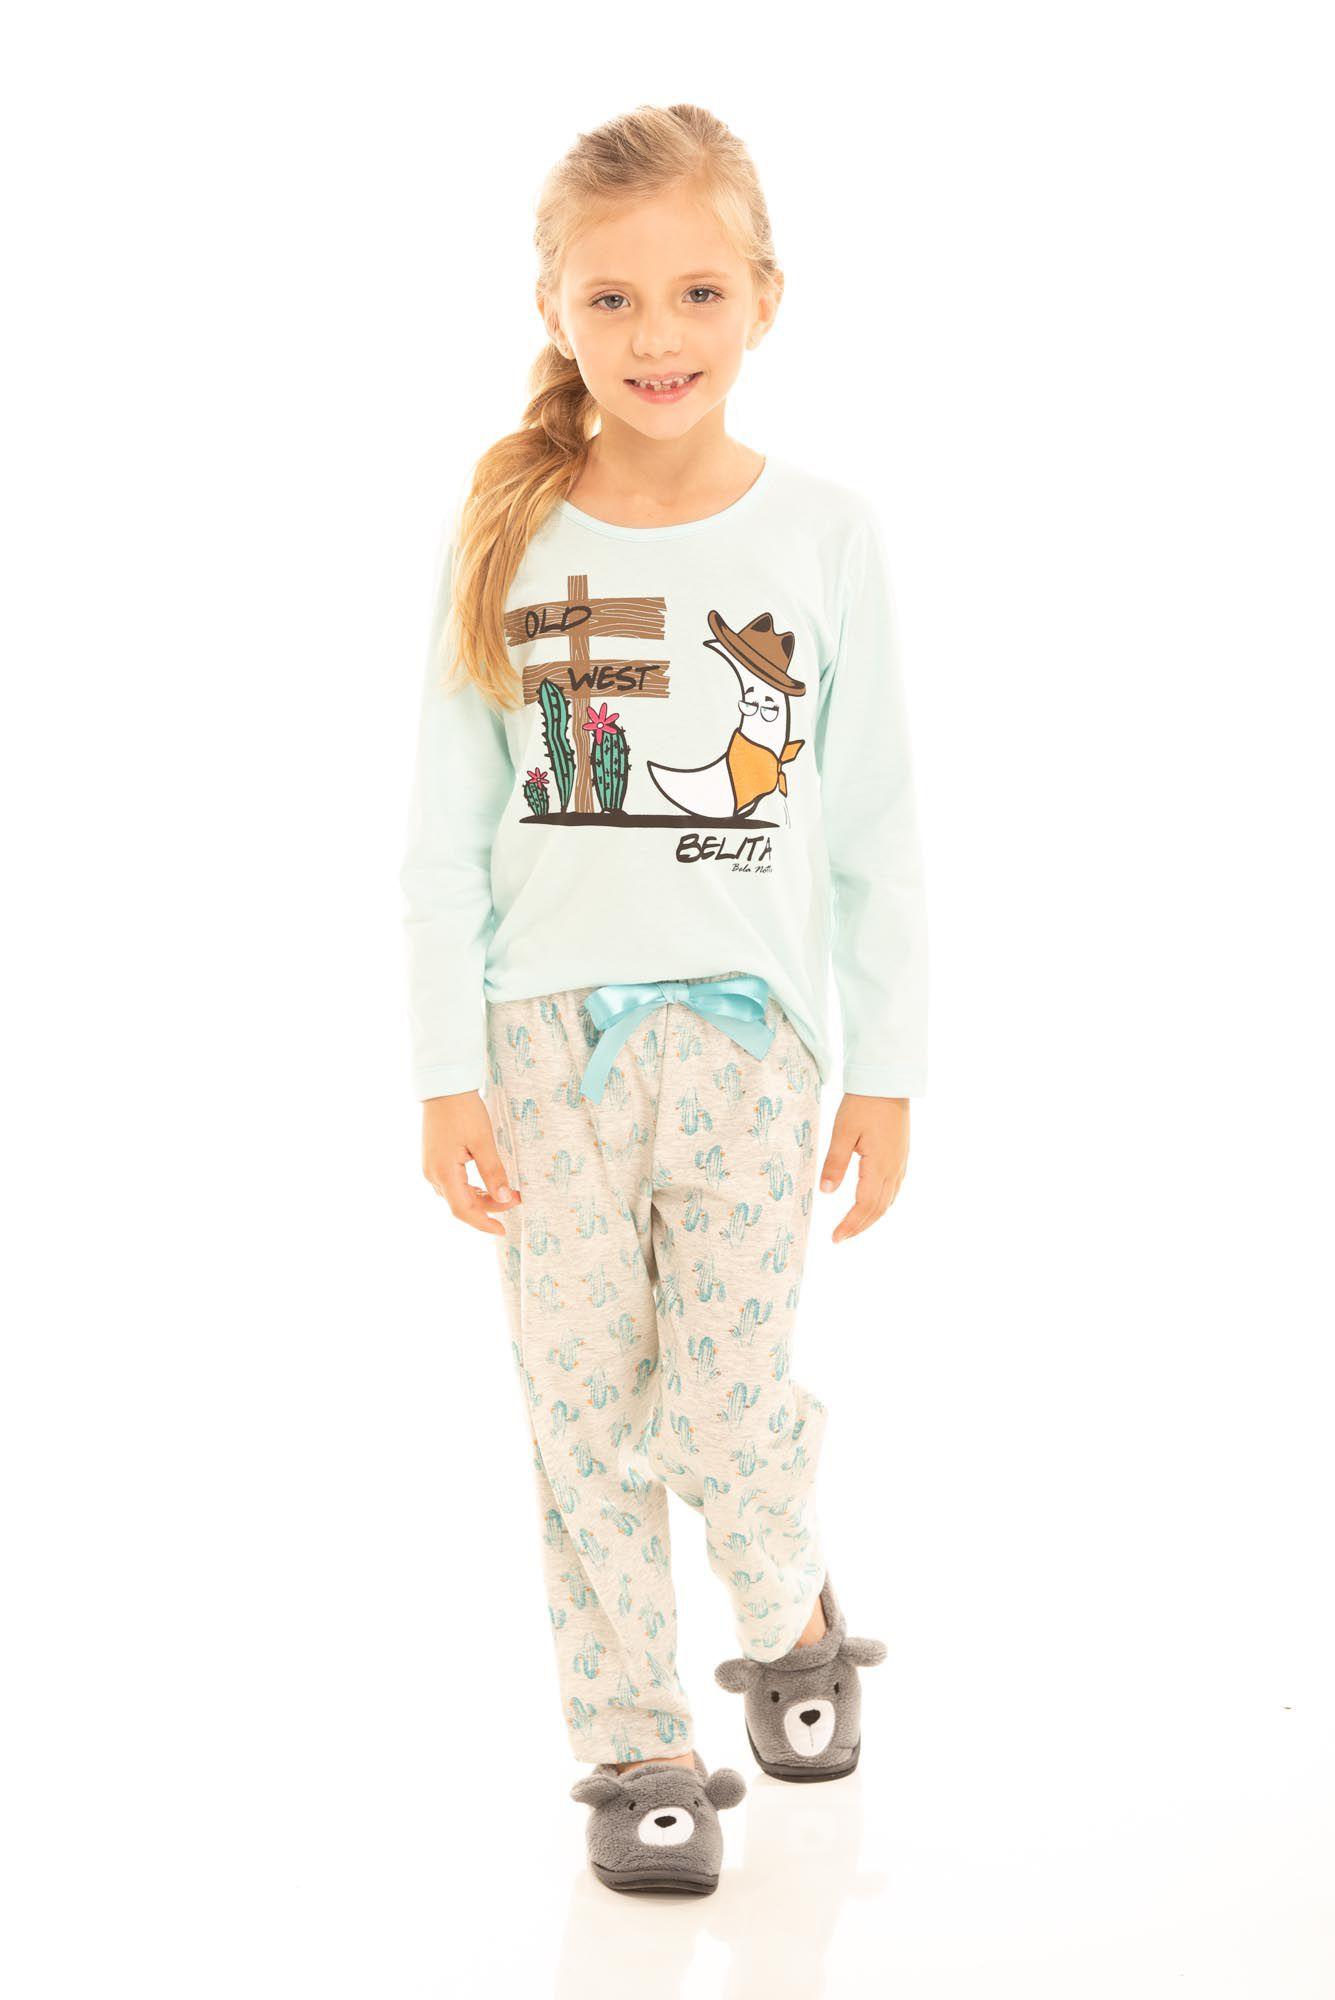 Pijama Infantil Feminino Belita Old West